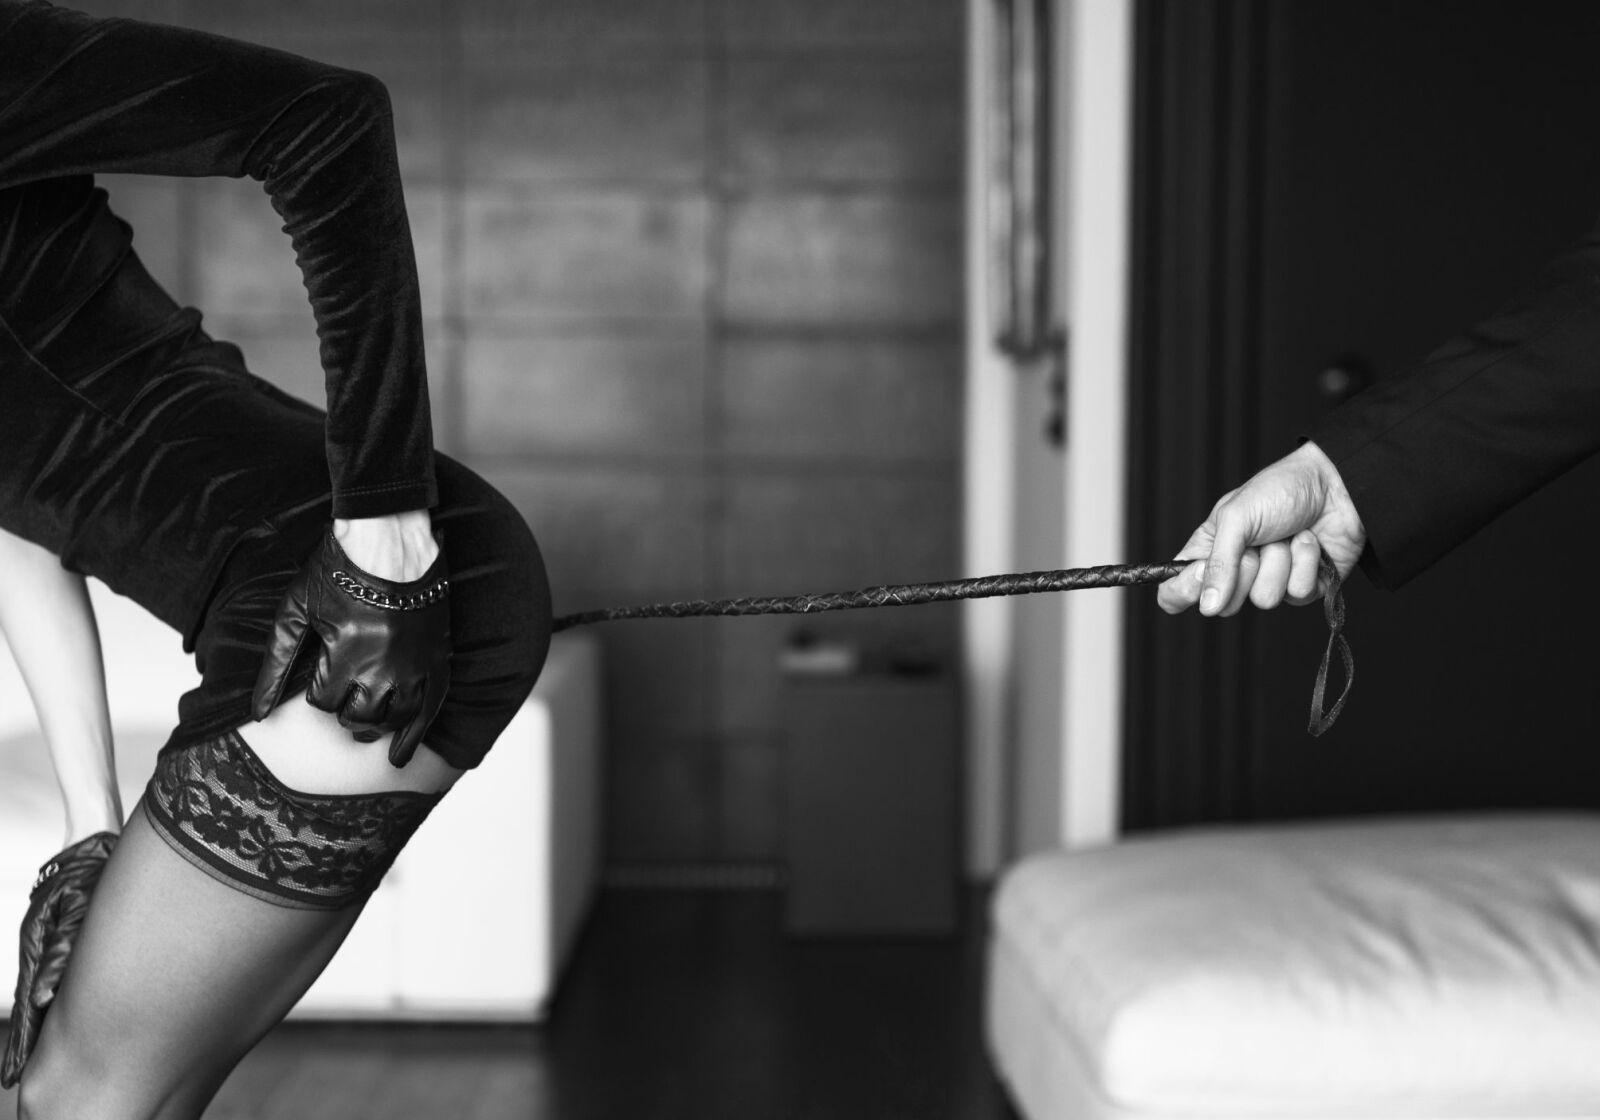 Смотреть онлайн секс господин раба госпожа раб, Русская госпожа срет на раба -видео. Смотреть 11 фотография